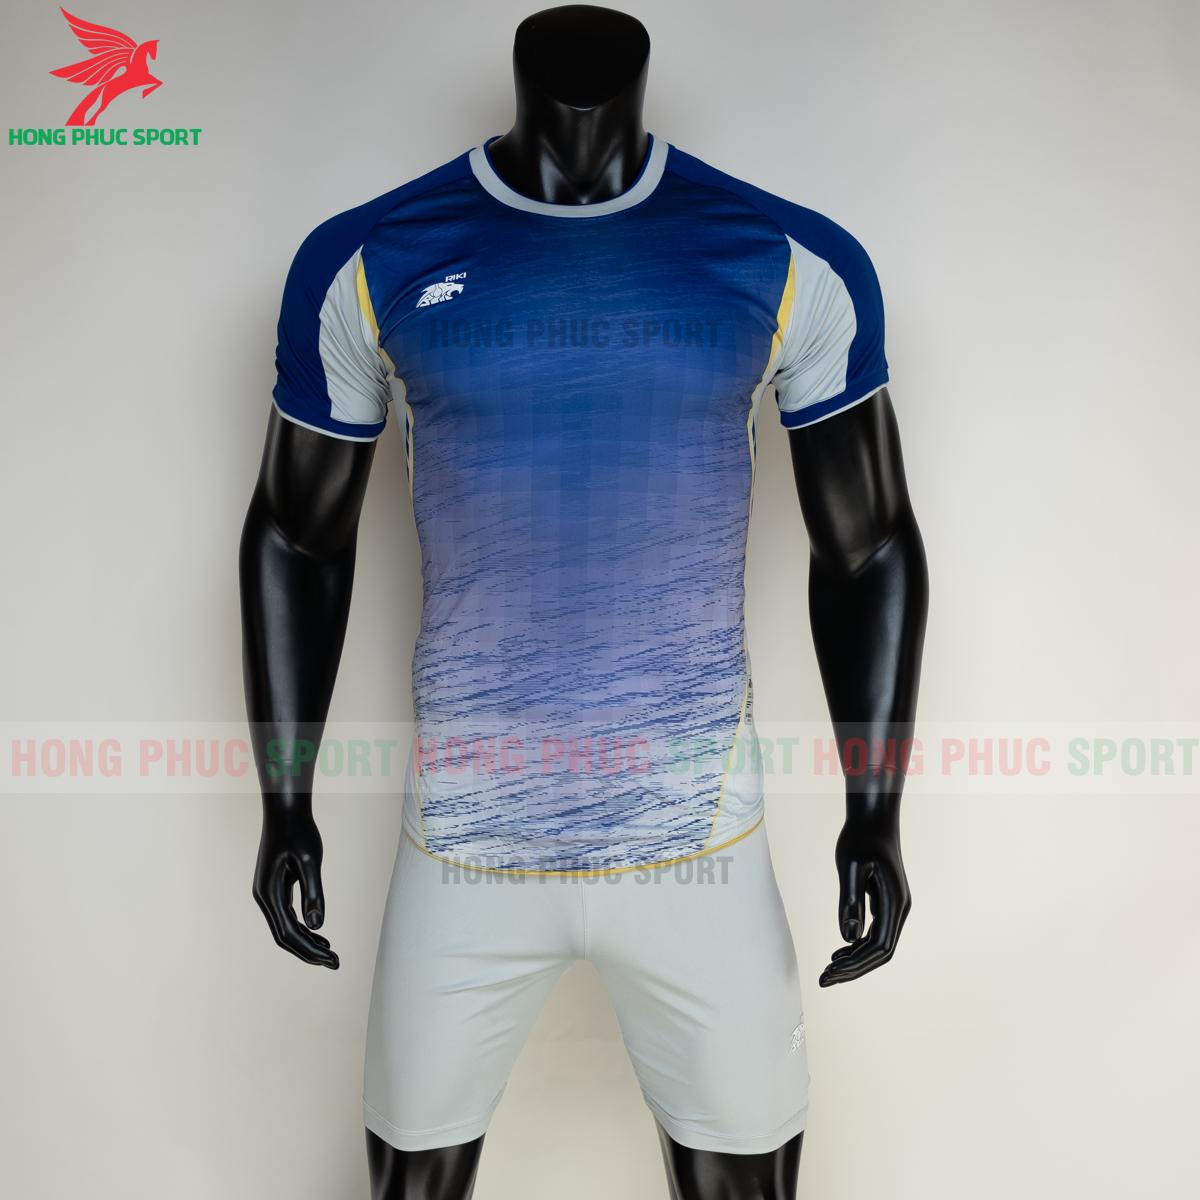 https://cdn.hongphucsport.com/unsafe/s4.shopbay.vn/files/285/ao-bong-da-khong-logo-riki-grambor-mau-xanh-duong-2-6050613720d94.png